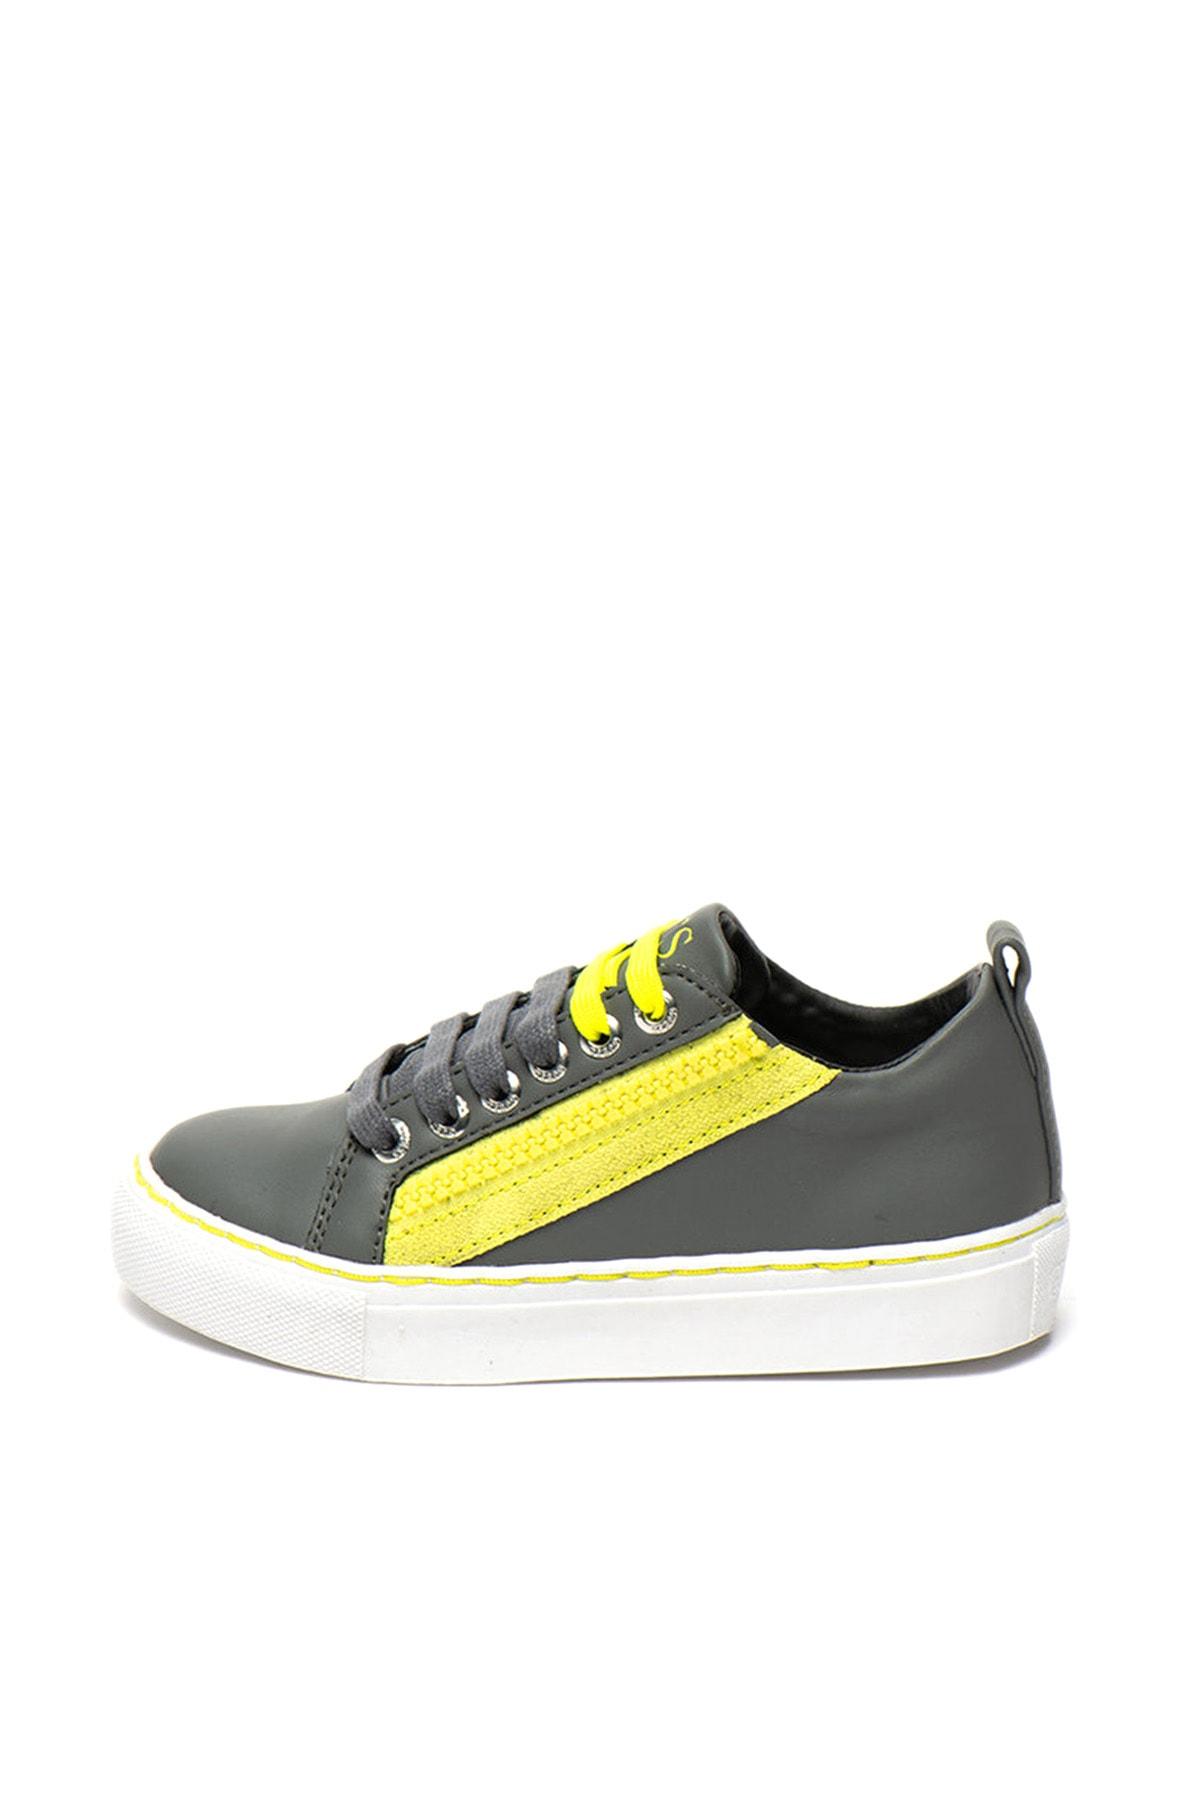 Guess Erkek Çocuk Sarı Ayakkabı 1